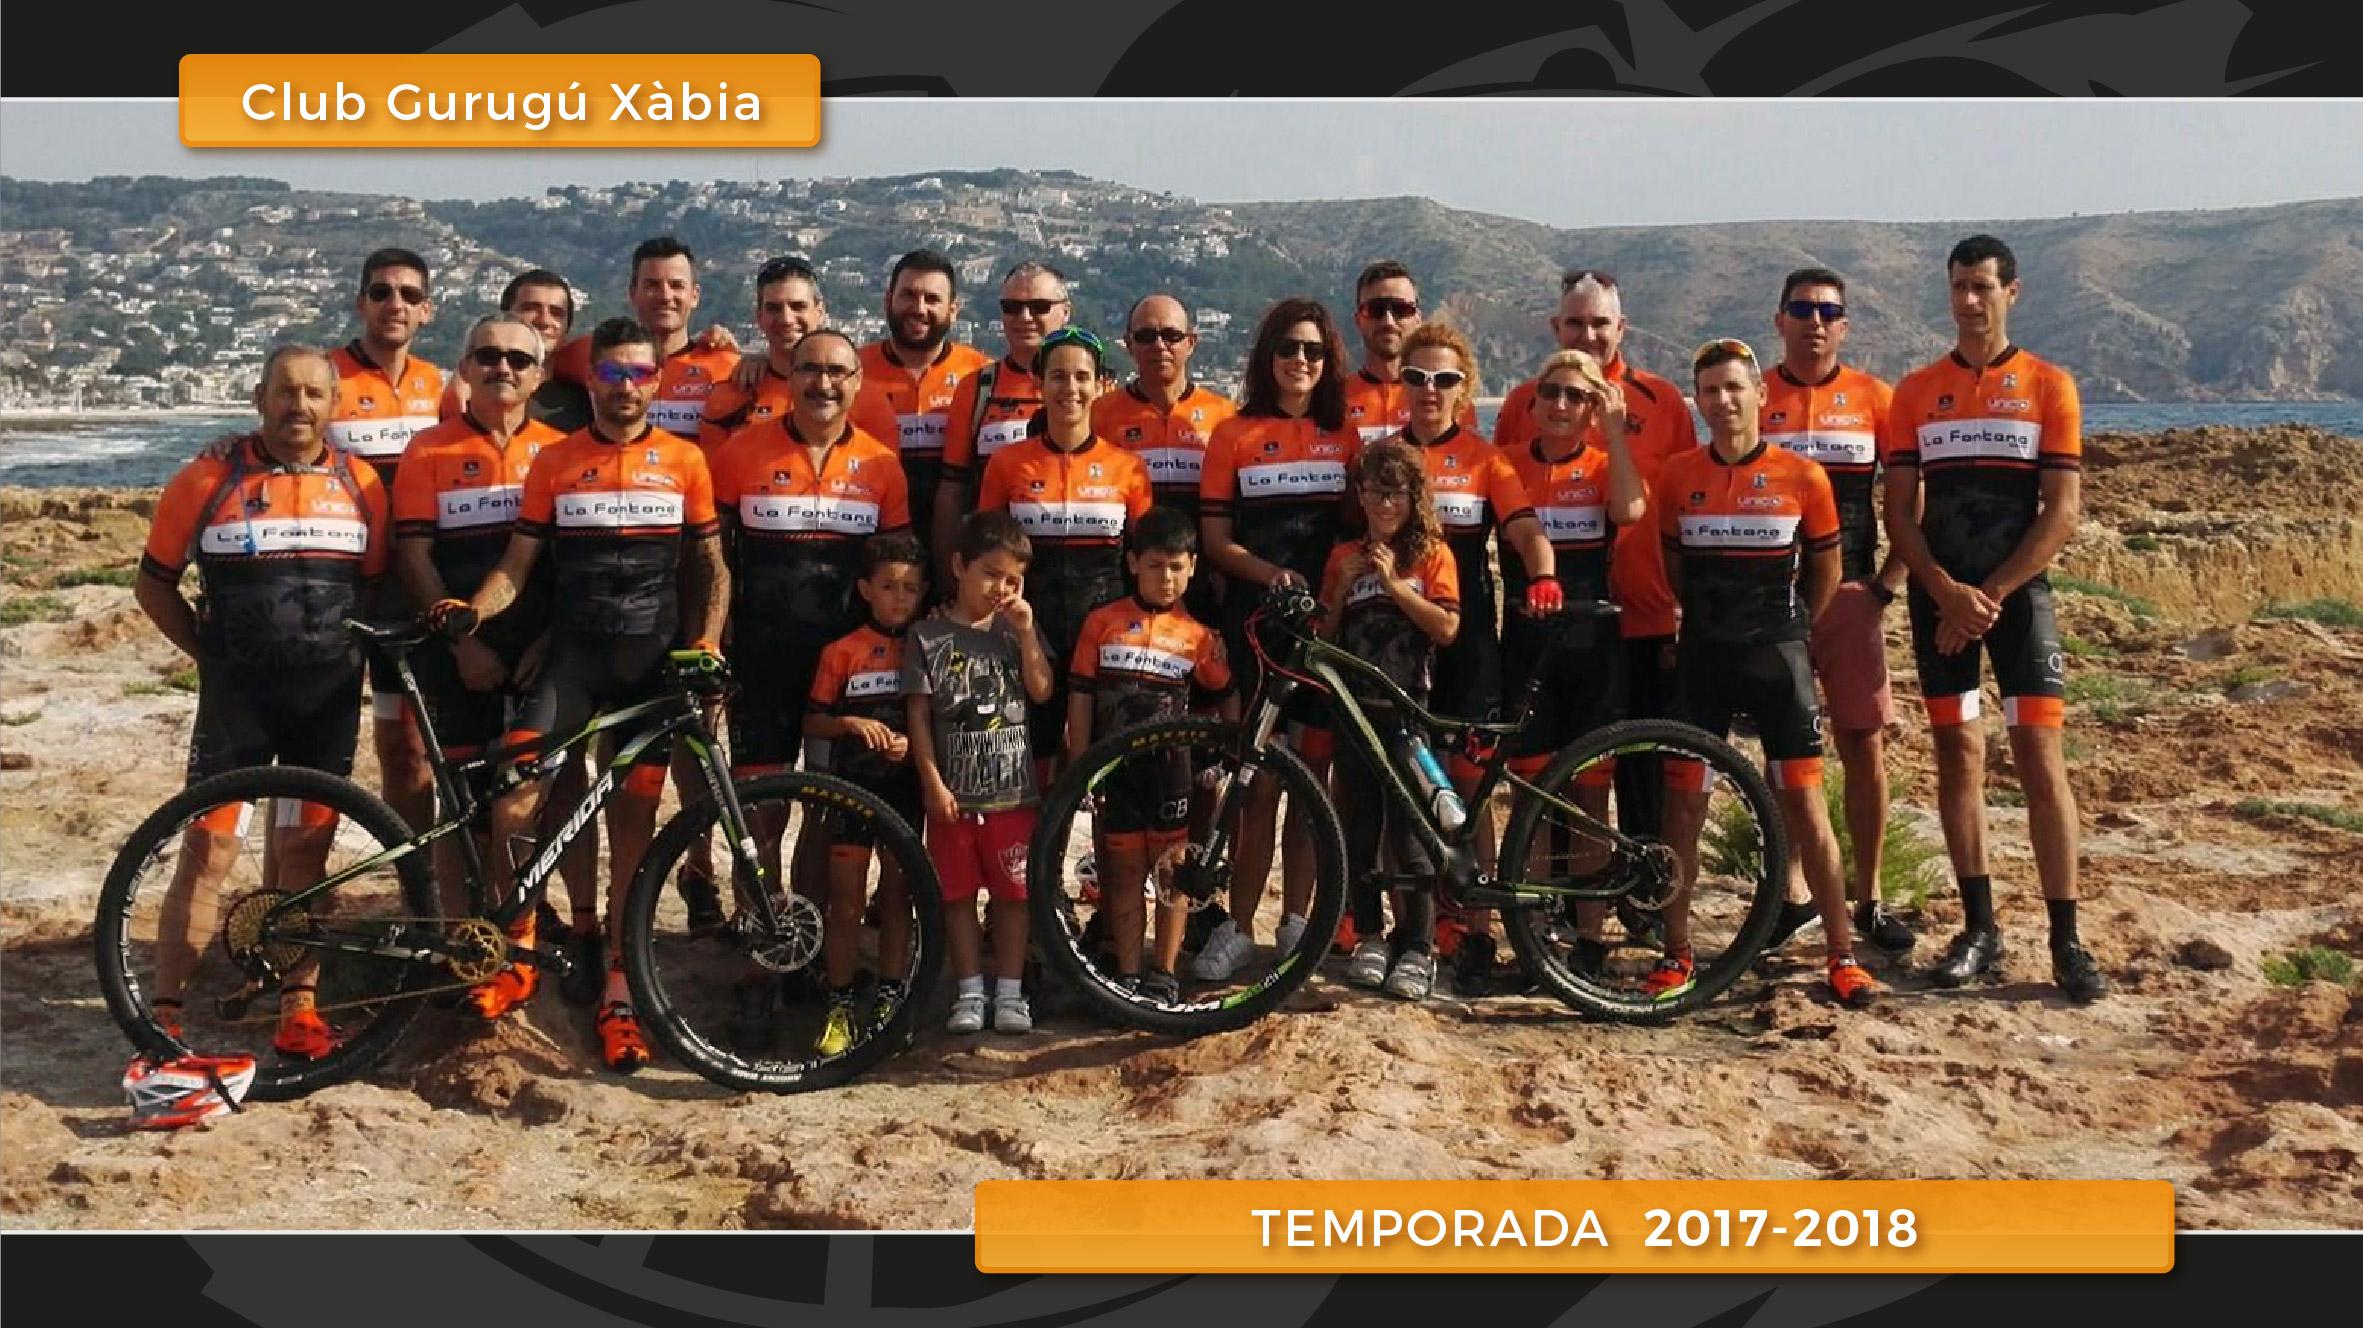 patrocinadores-2015-2016-03